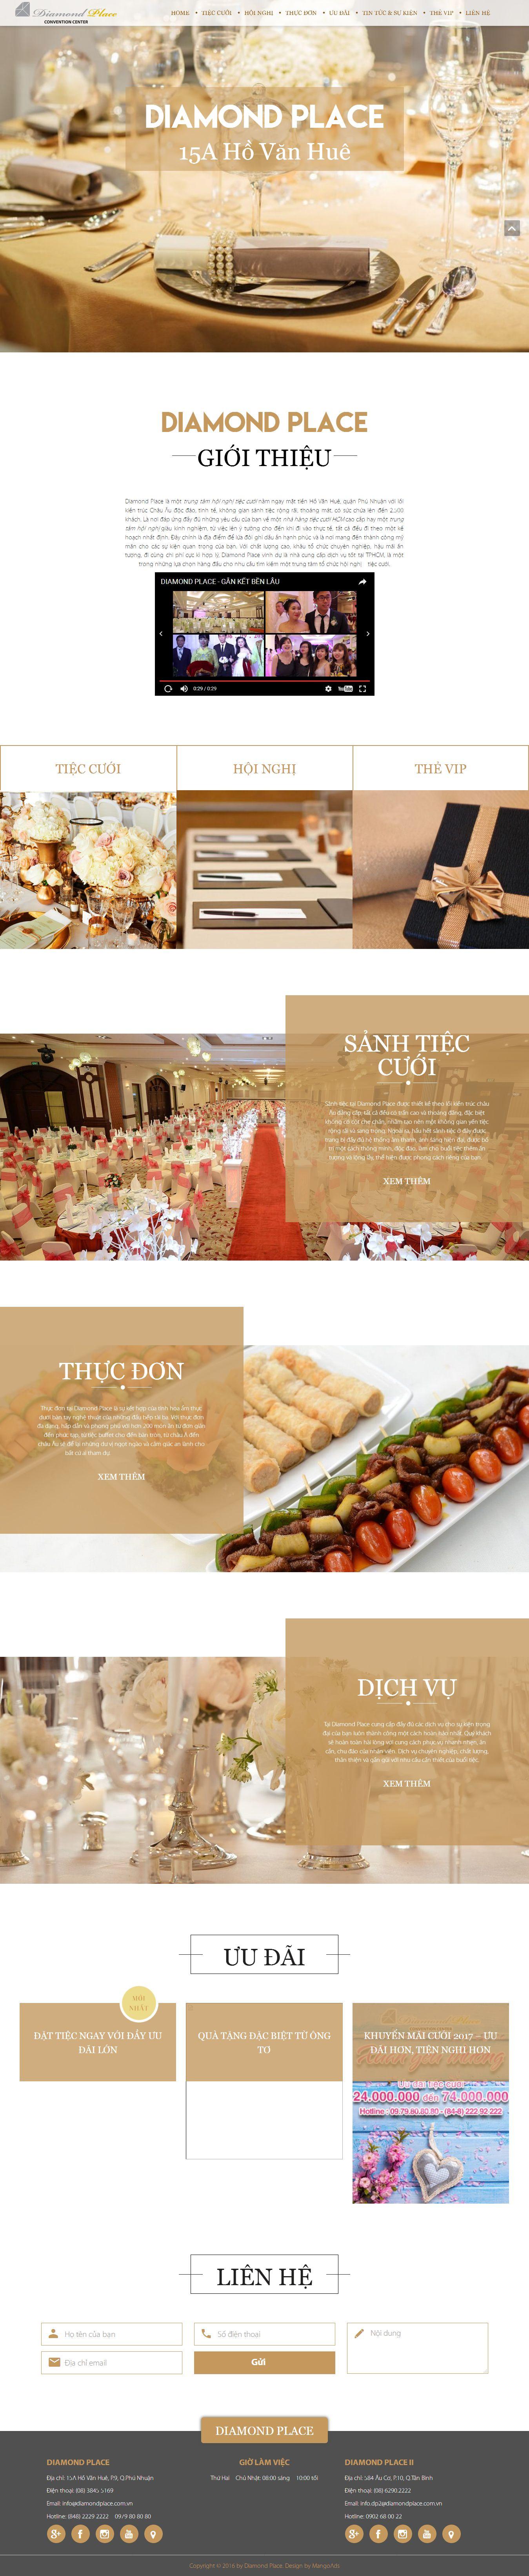 Mẫu website nhà hàng - tiệc cưới 13472